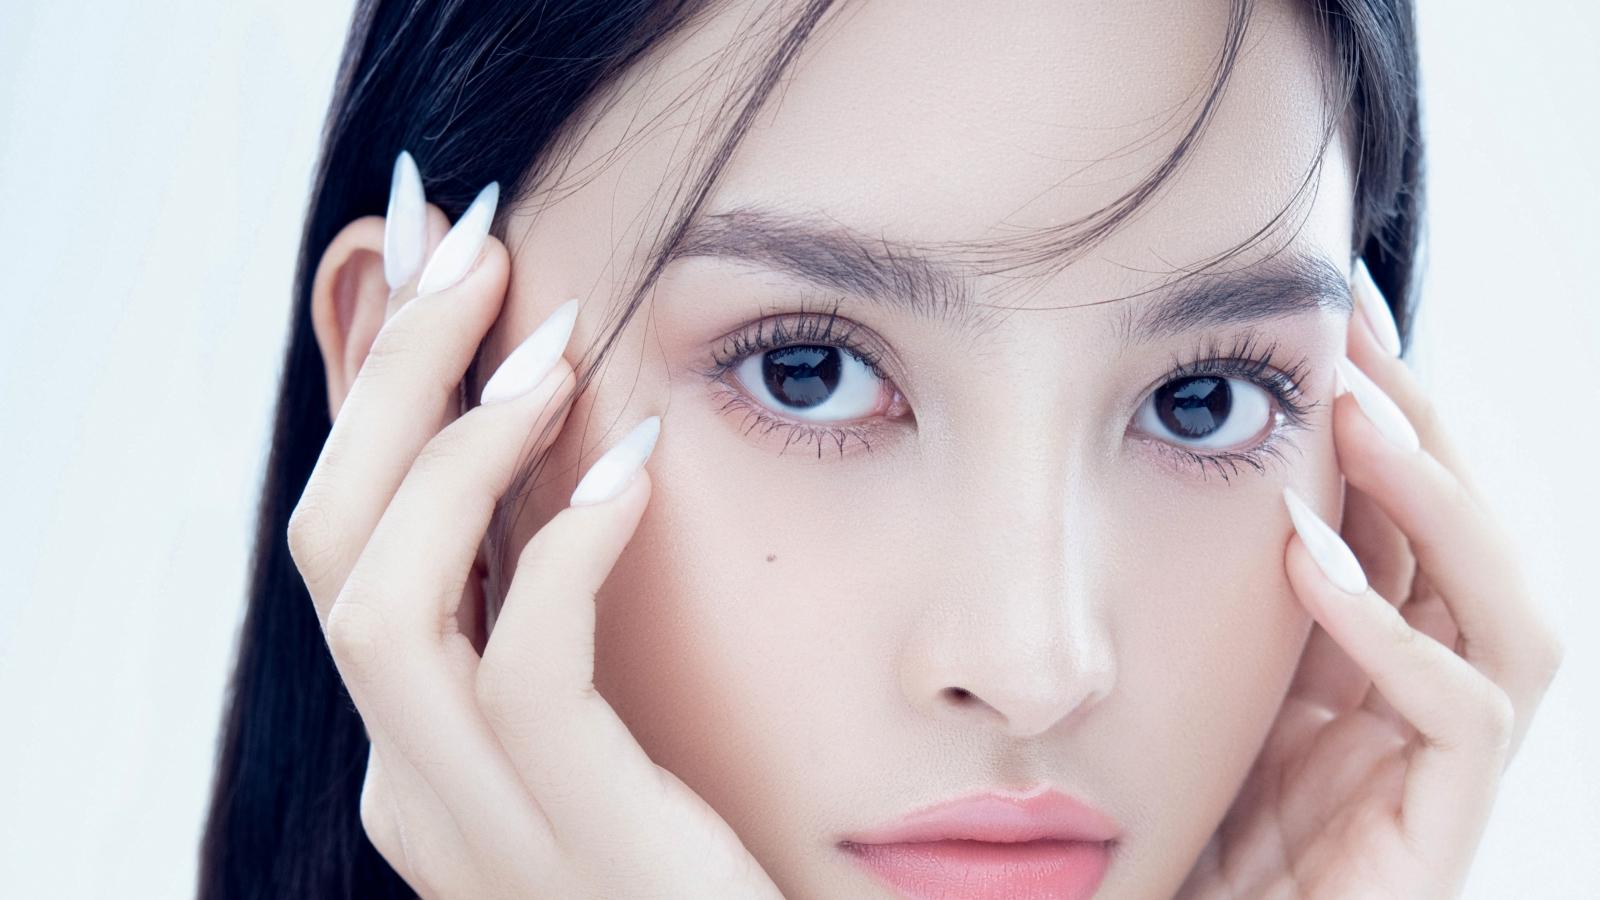 Ngất ngây trước vẻ đẹp ngọt ngào của Hoa hậu Tiểu Vy trong bộ ảnh mới